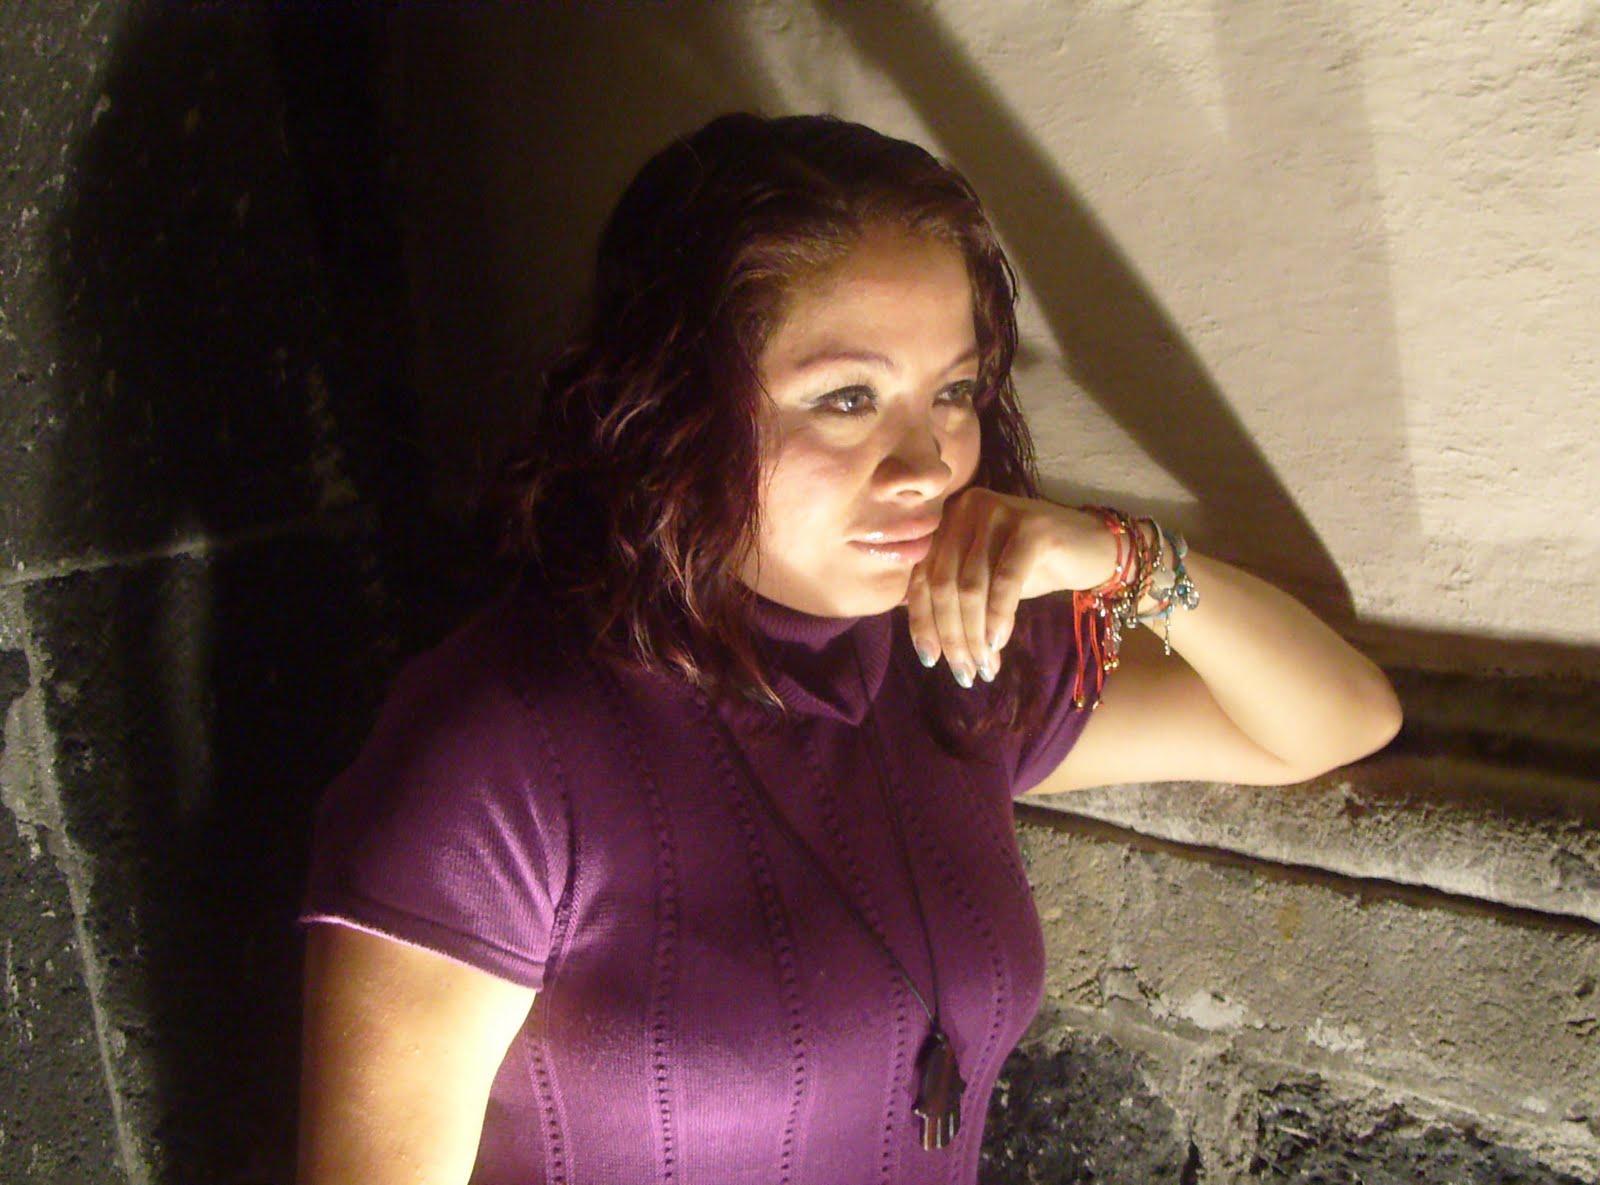 http://4.bp.blogspot.com/-EVwVCdKvTc8/TebIFTRuCsI/AAAAAAAAAXc/8GDAhJ6OxDY/s1600/In%25C3%25A9sLectura.jpg